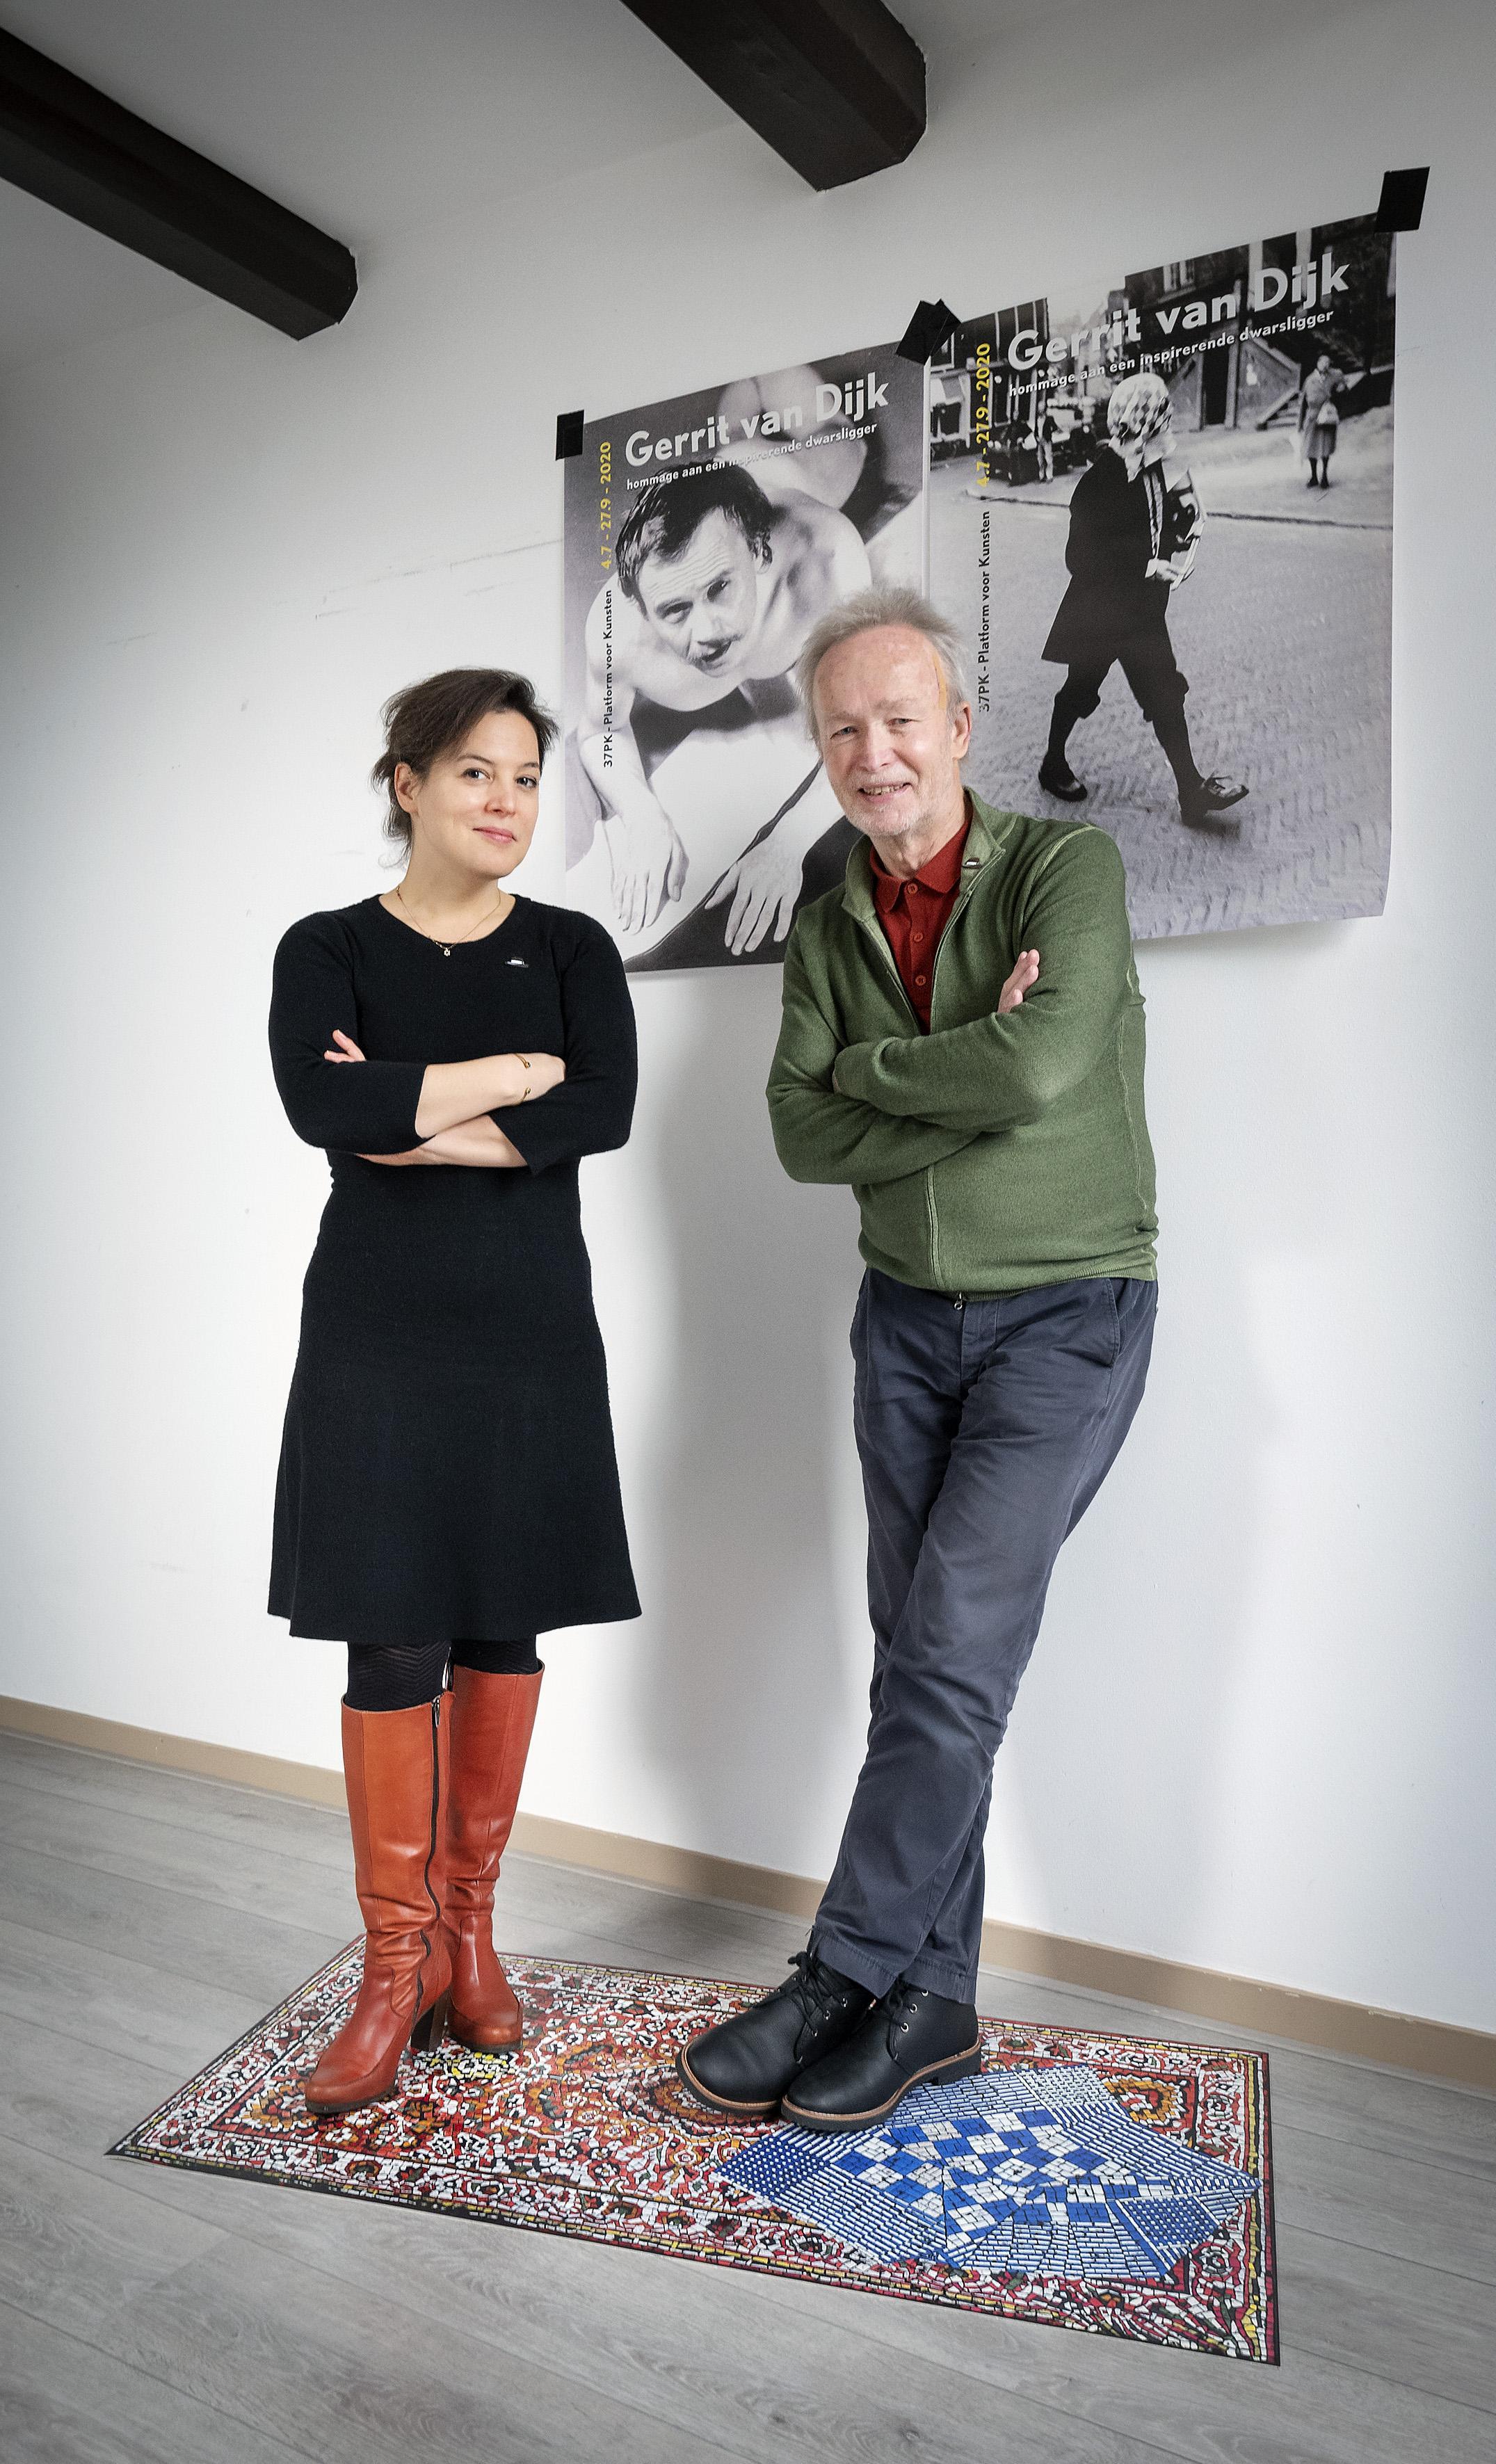 'Haarlem heeft criticasters nodig.' Emma Westermann en Jacques Overtoom eren de inspirerende dwarsligger Gerrit van Dijk